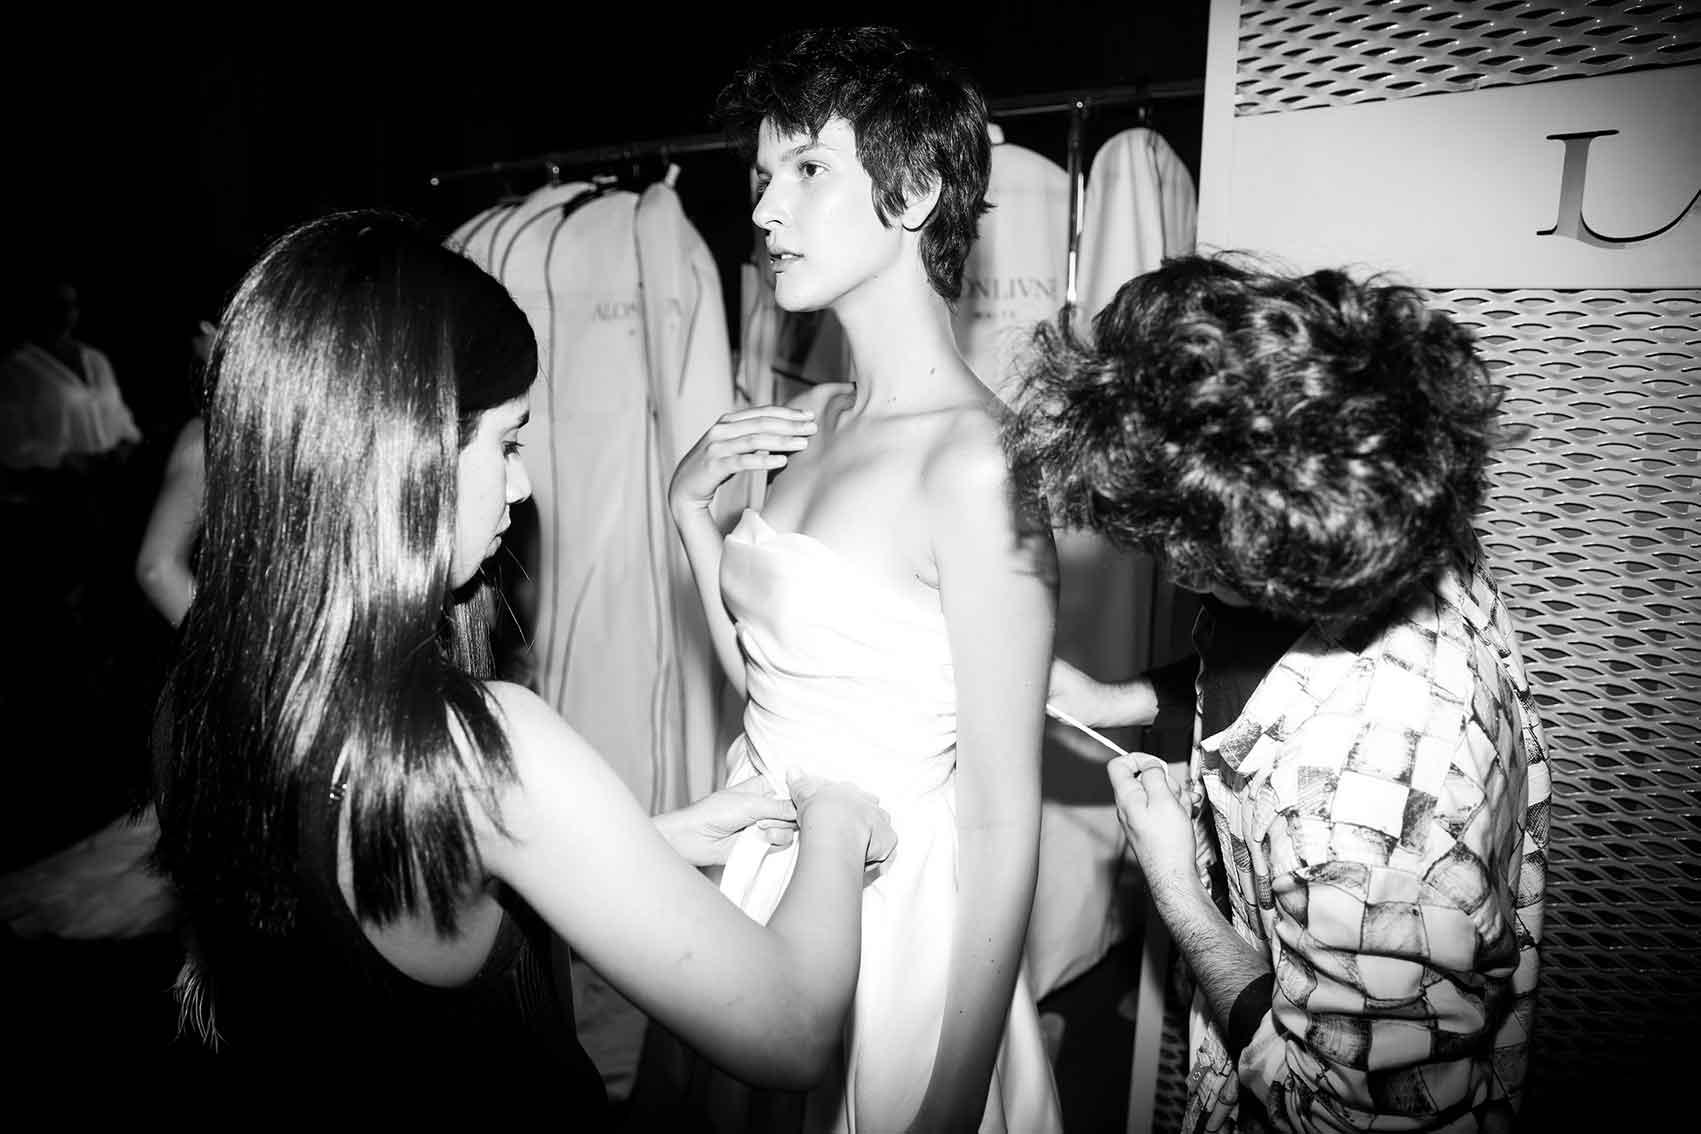 אלון ליבנה. קולקציית שמלות כלה 2020-אופנה נשים - Trends, סטייל, כתבות אופנה, טרנדים, אופנת נשים, Style,, אופנה ישראלית